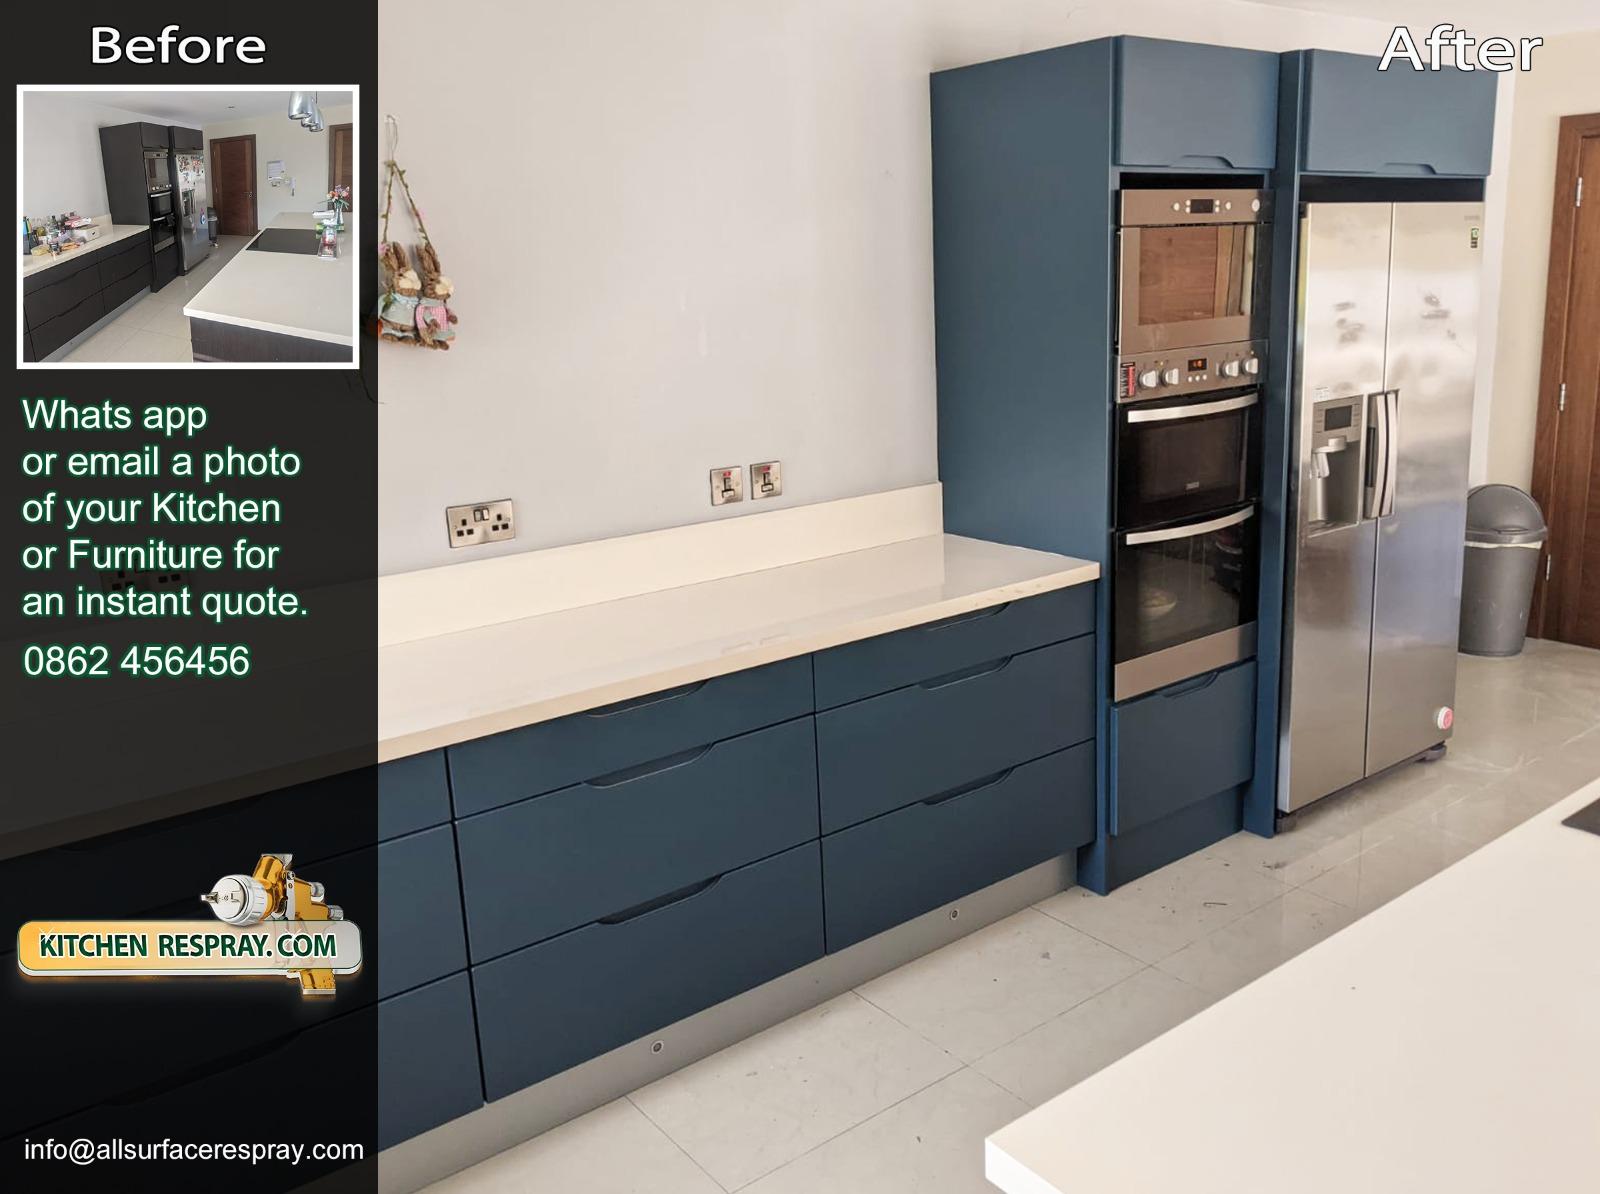 Kitchen Respray,Door Respray,Dark Color,Bray,Ireland